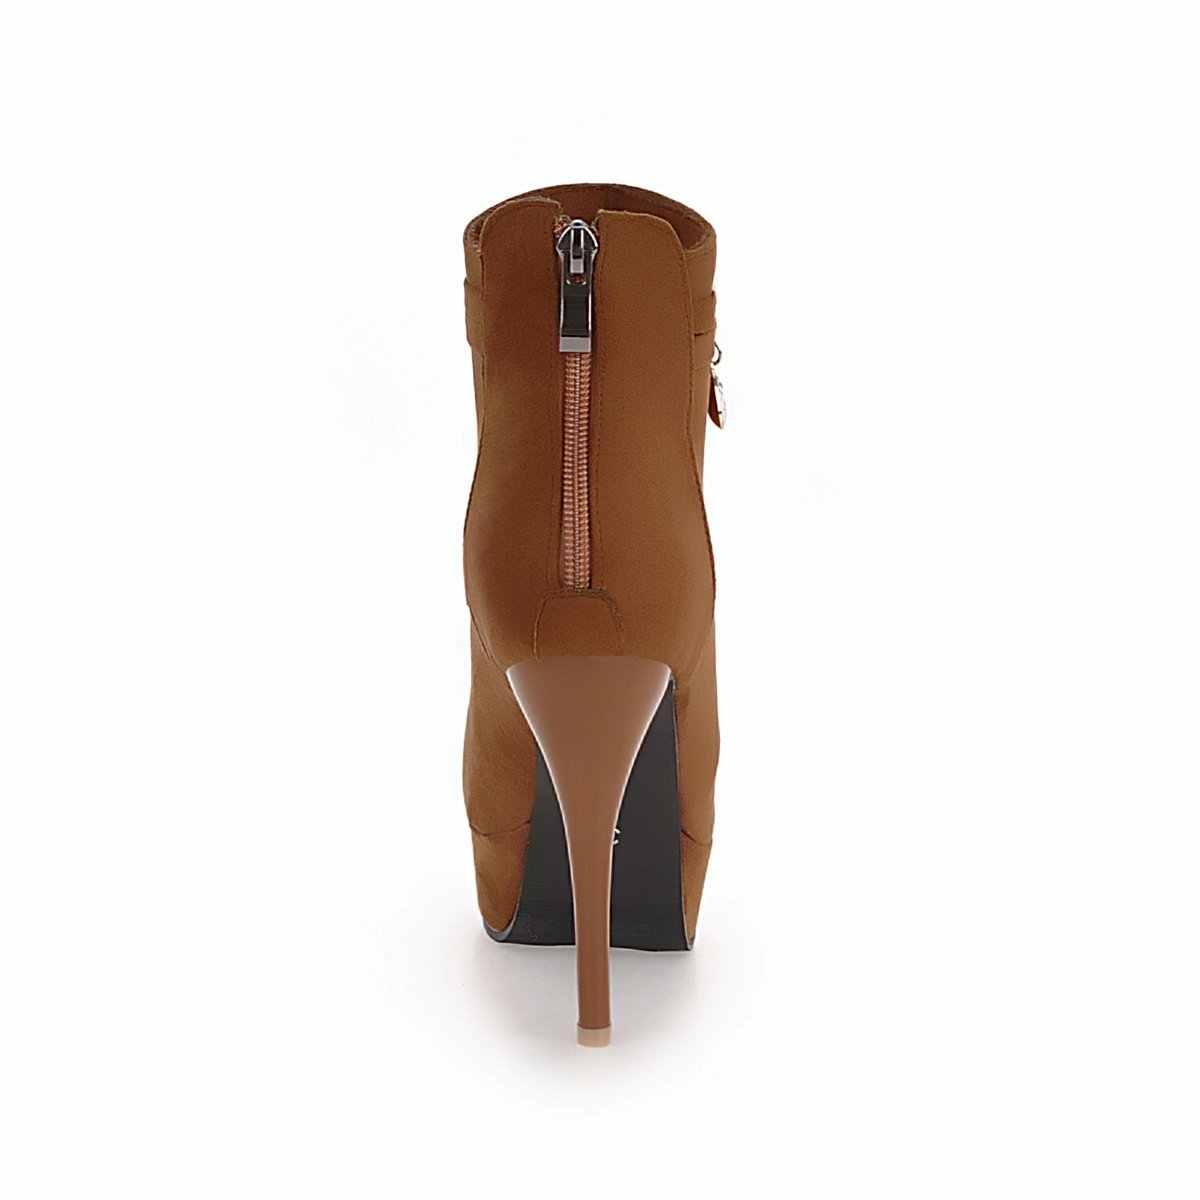 Kadın Platformu Çizmeler Akın Seksi Ince Yüksek Topuk yarım çizmeler Fermuar Kış Moda Kadın Ayakkabı Artı Boyutu 2018 Yeni